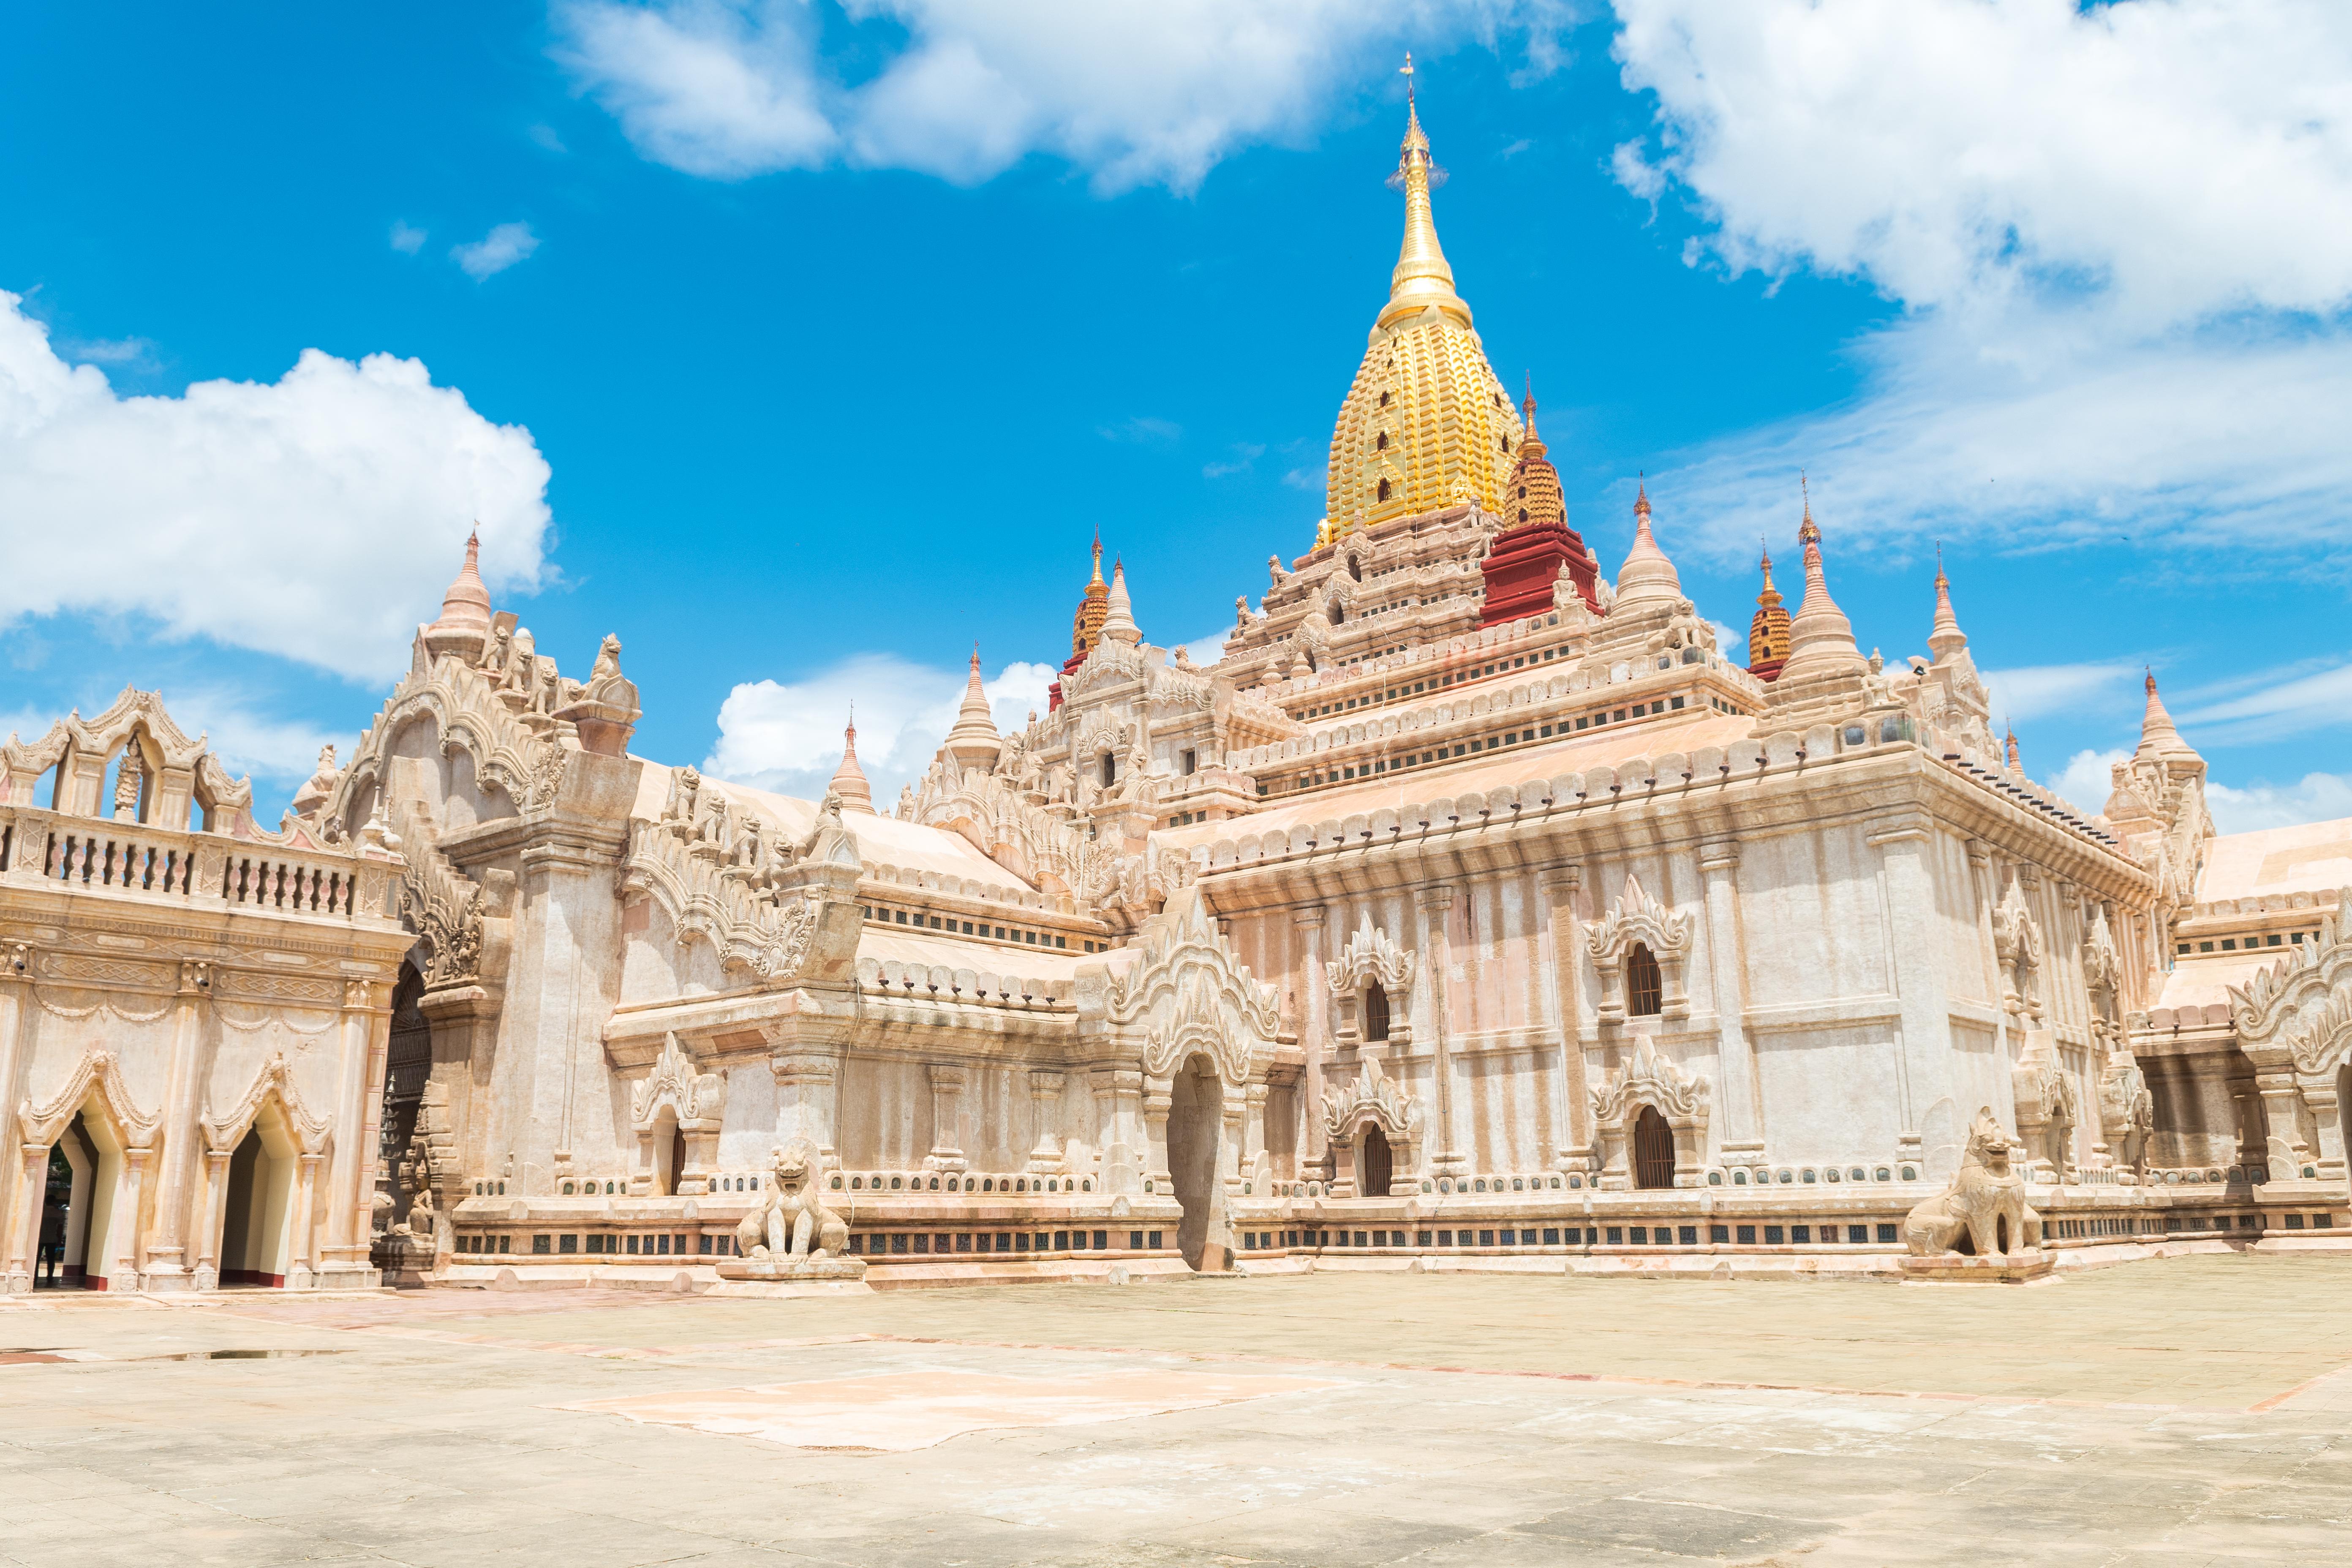 Touristen drehten Sexvideo in Tempel in Myanmar